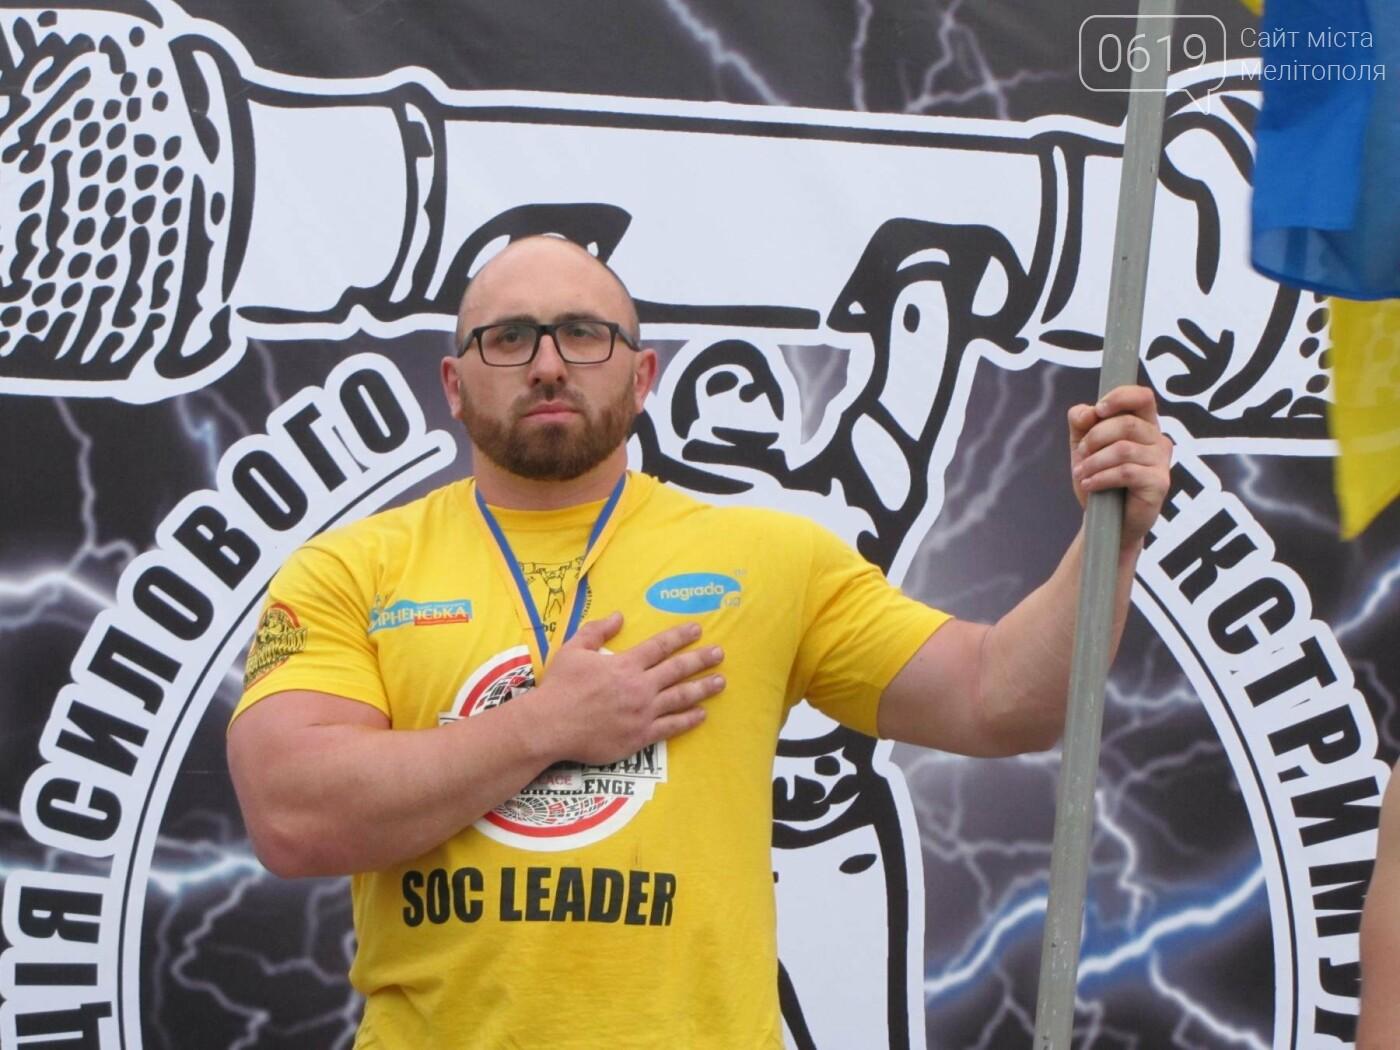 Три победы за неделю: мелитопольский богатырь выиграл второй этап международного чемпионата, фото-54